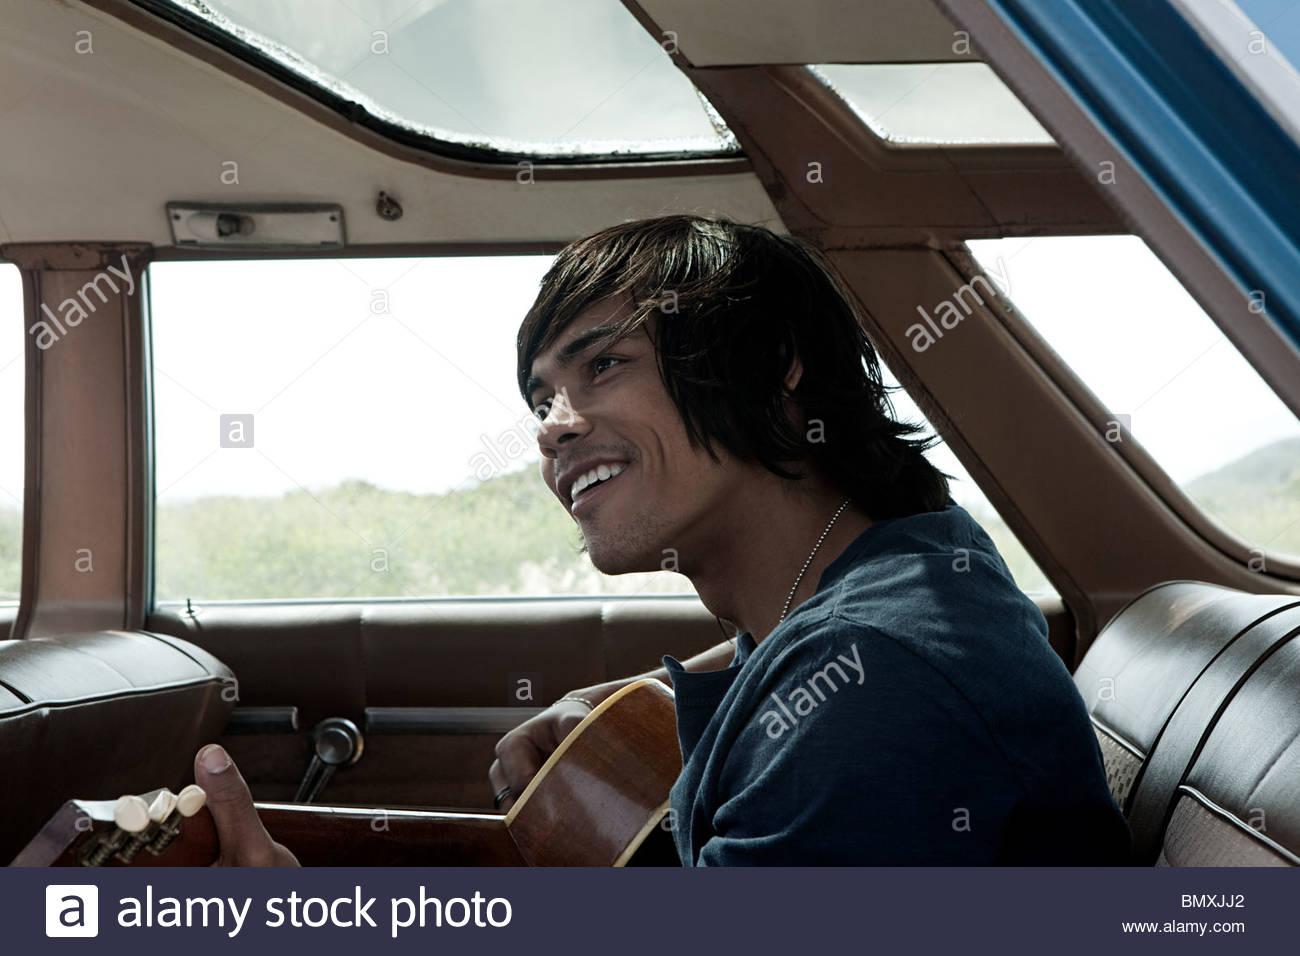 Jeune homme à l'intérieur de voiture à jouer de la guitare Photo Stock